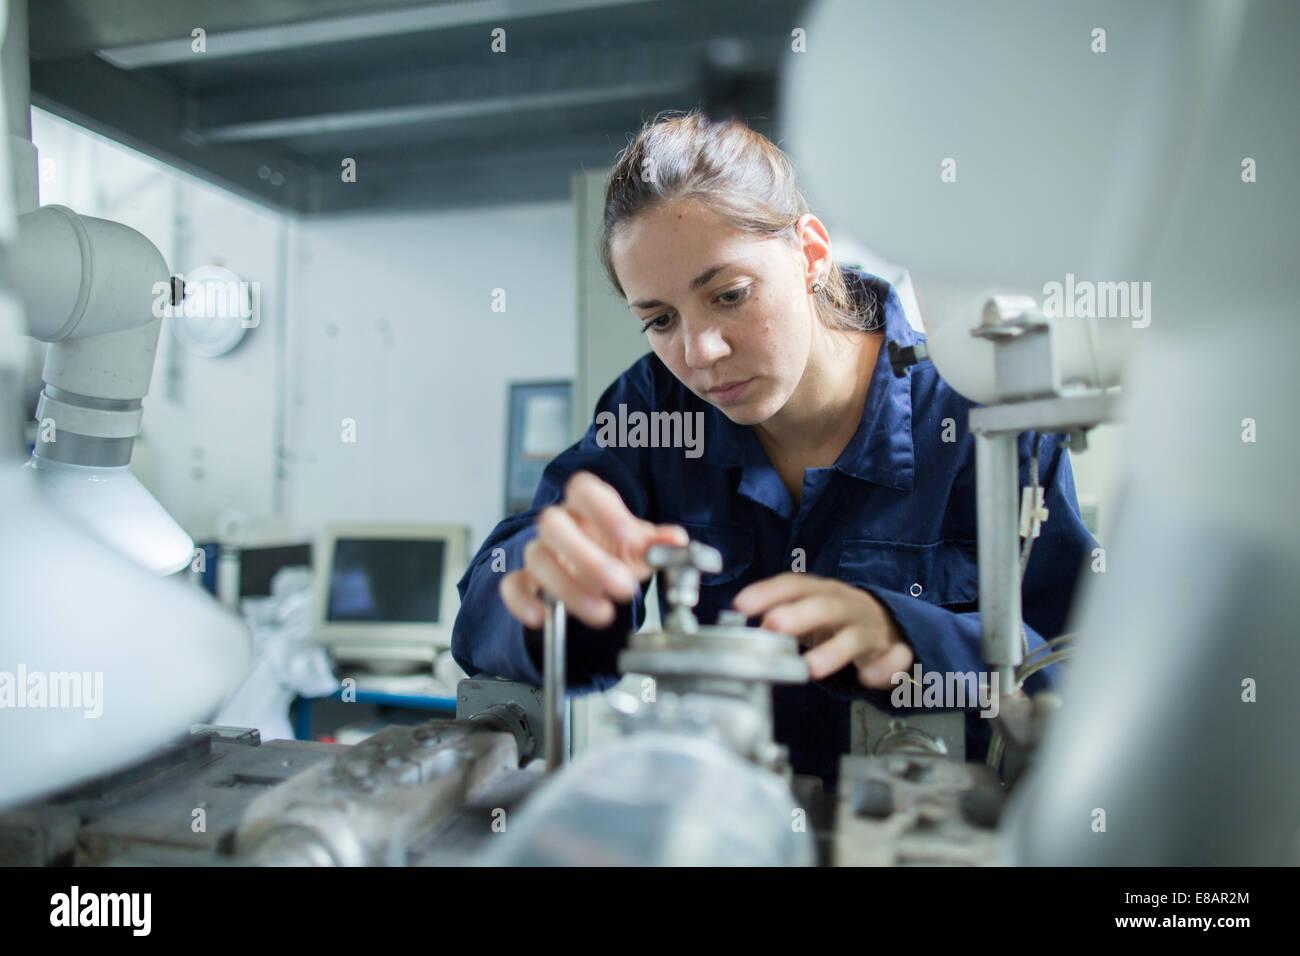 Ingeniero femenina girando válvulas en fábrica de tuberías industriales Imagen De Stock